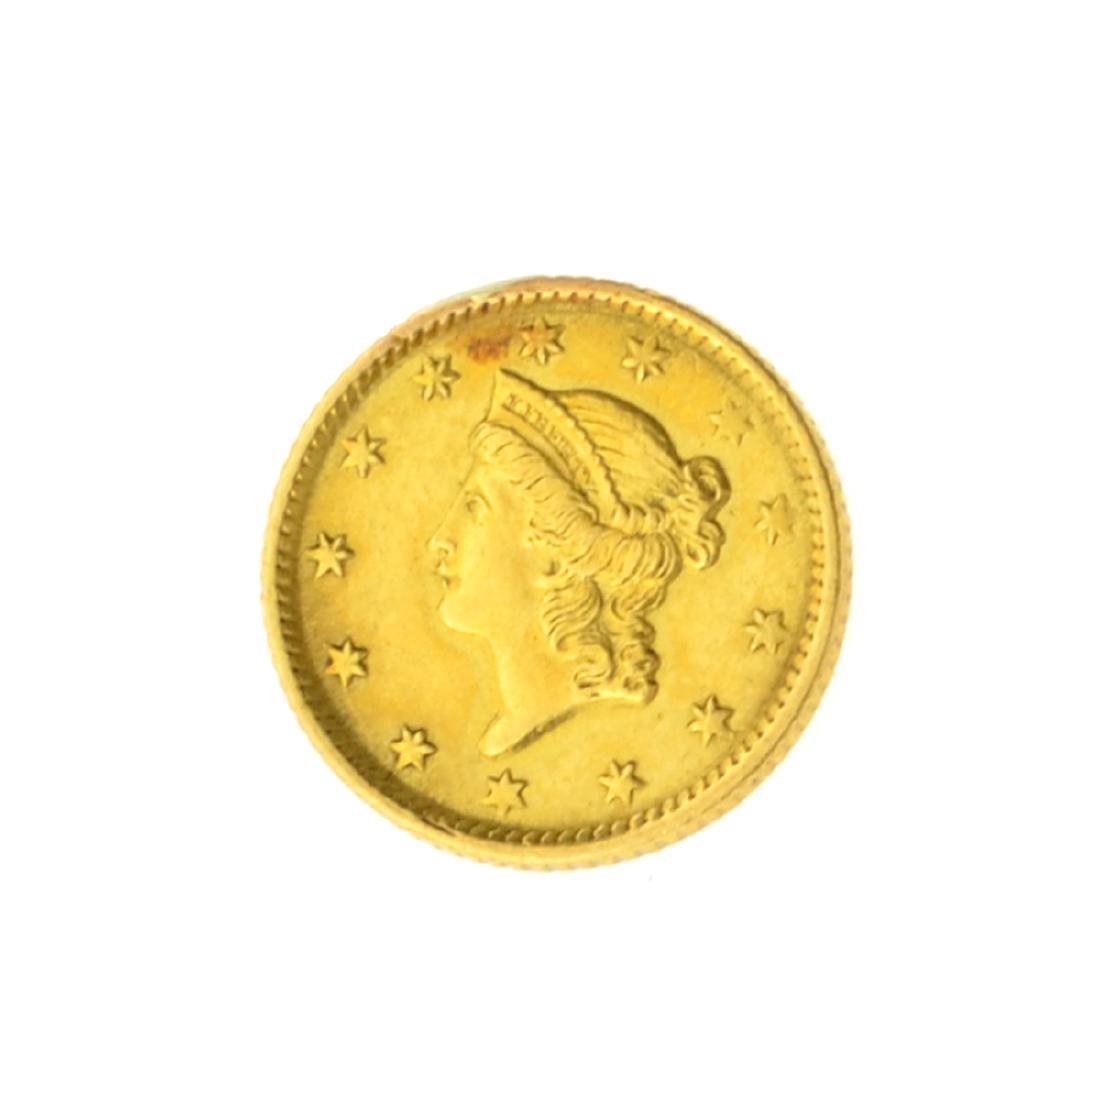 *1854 $1 U.S. Liberty Head Gold Coin (JG)